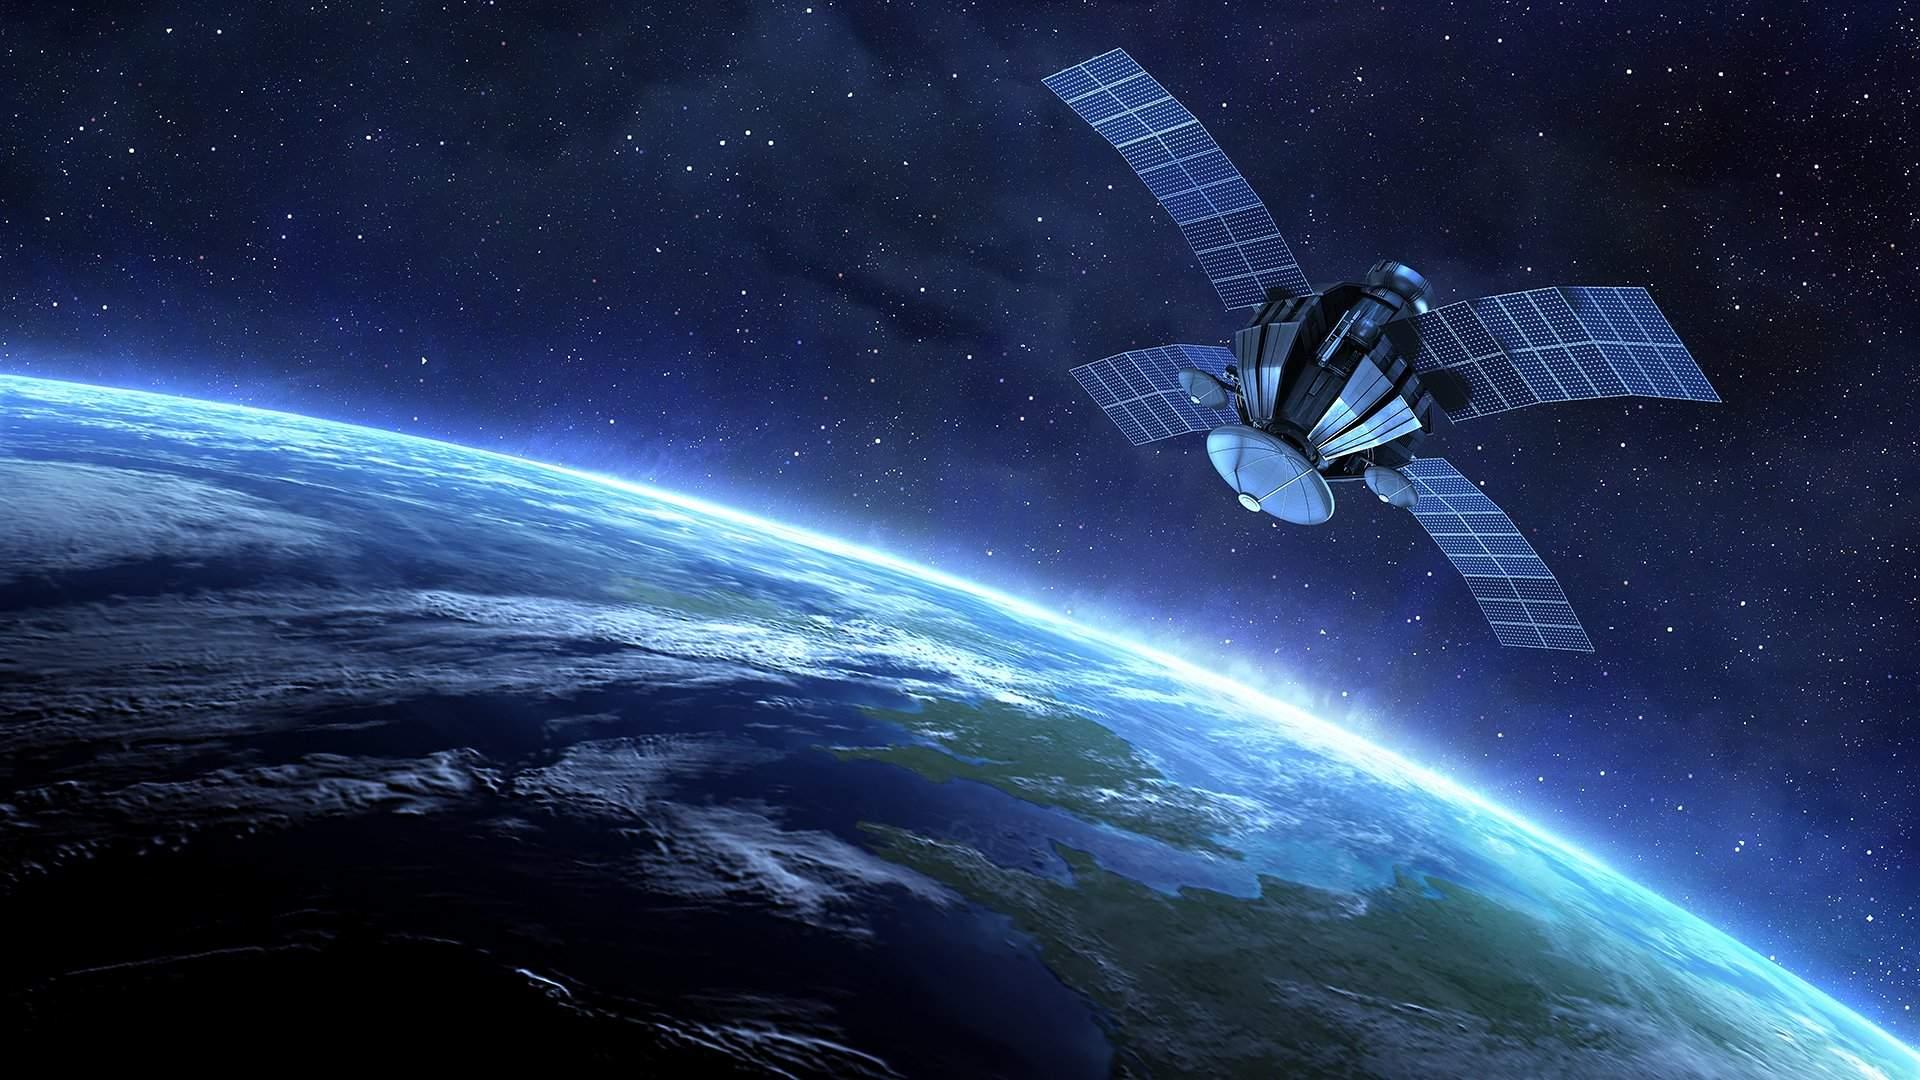 Частная игра: что ждет мировую космонавтику в 2019 году ...